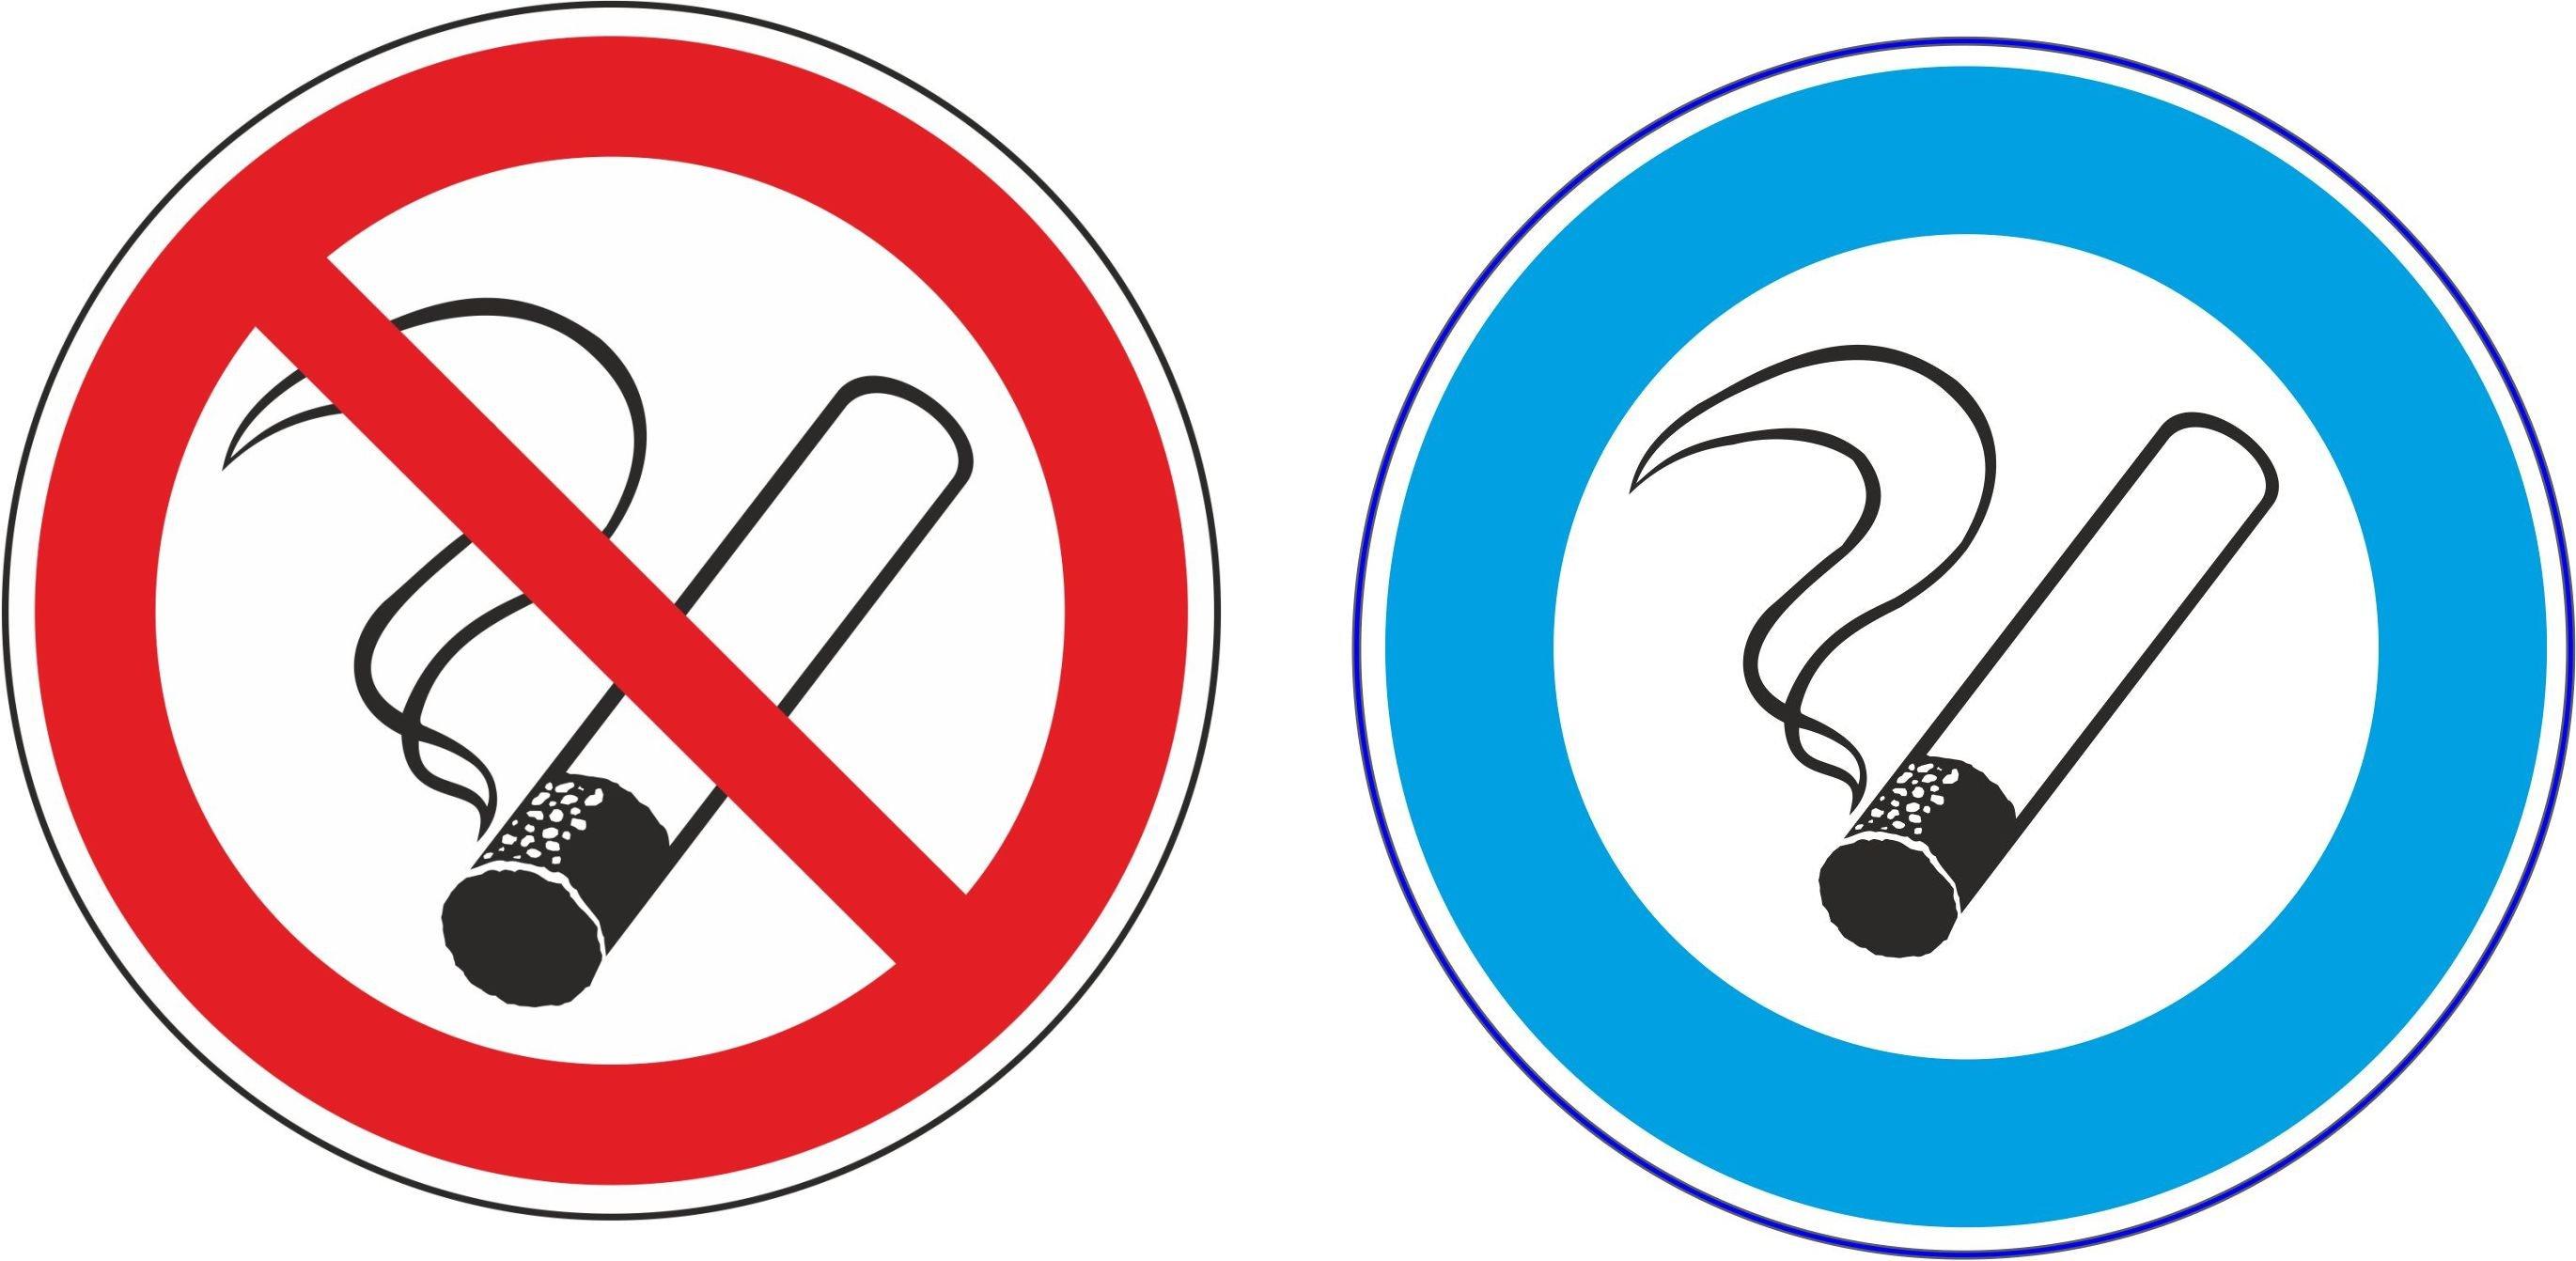 8 st aufkleber rauchen verboten 2 st aufkleber rauchen erlaubt ebay. Black Bedroom Furniture Sets. Home Design Ideas